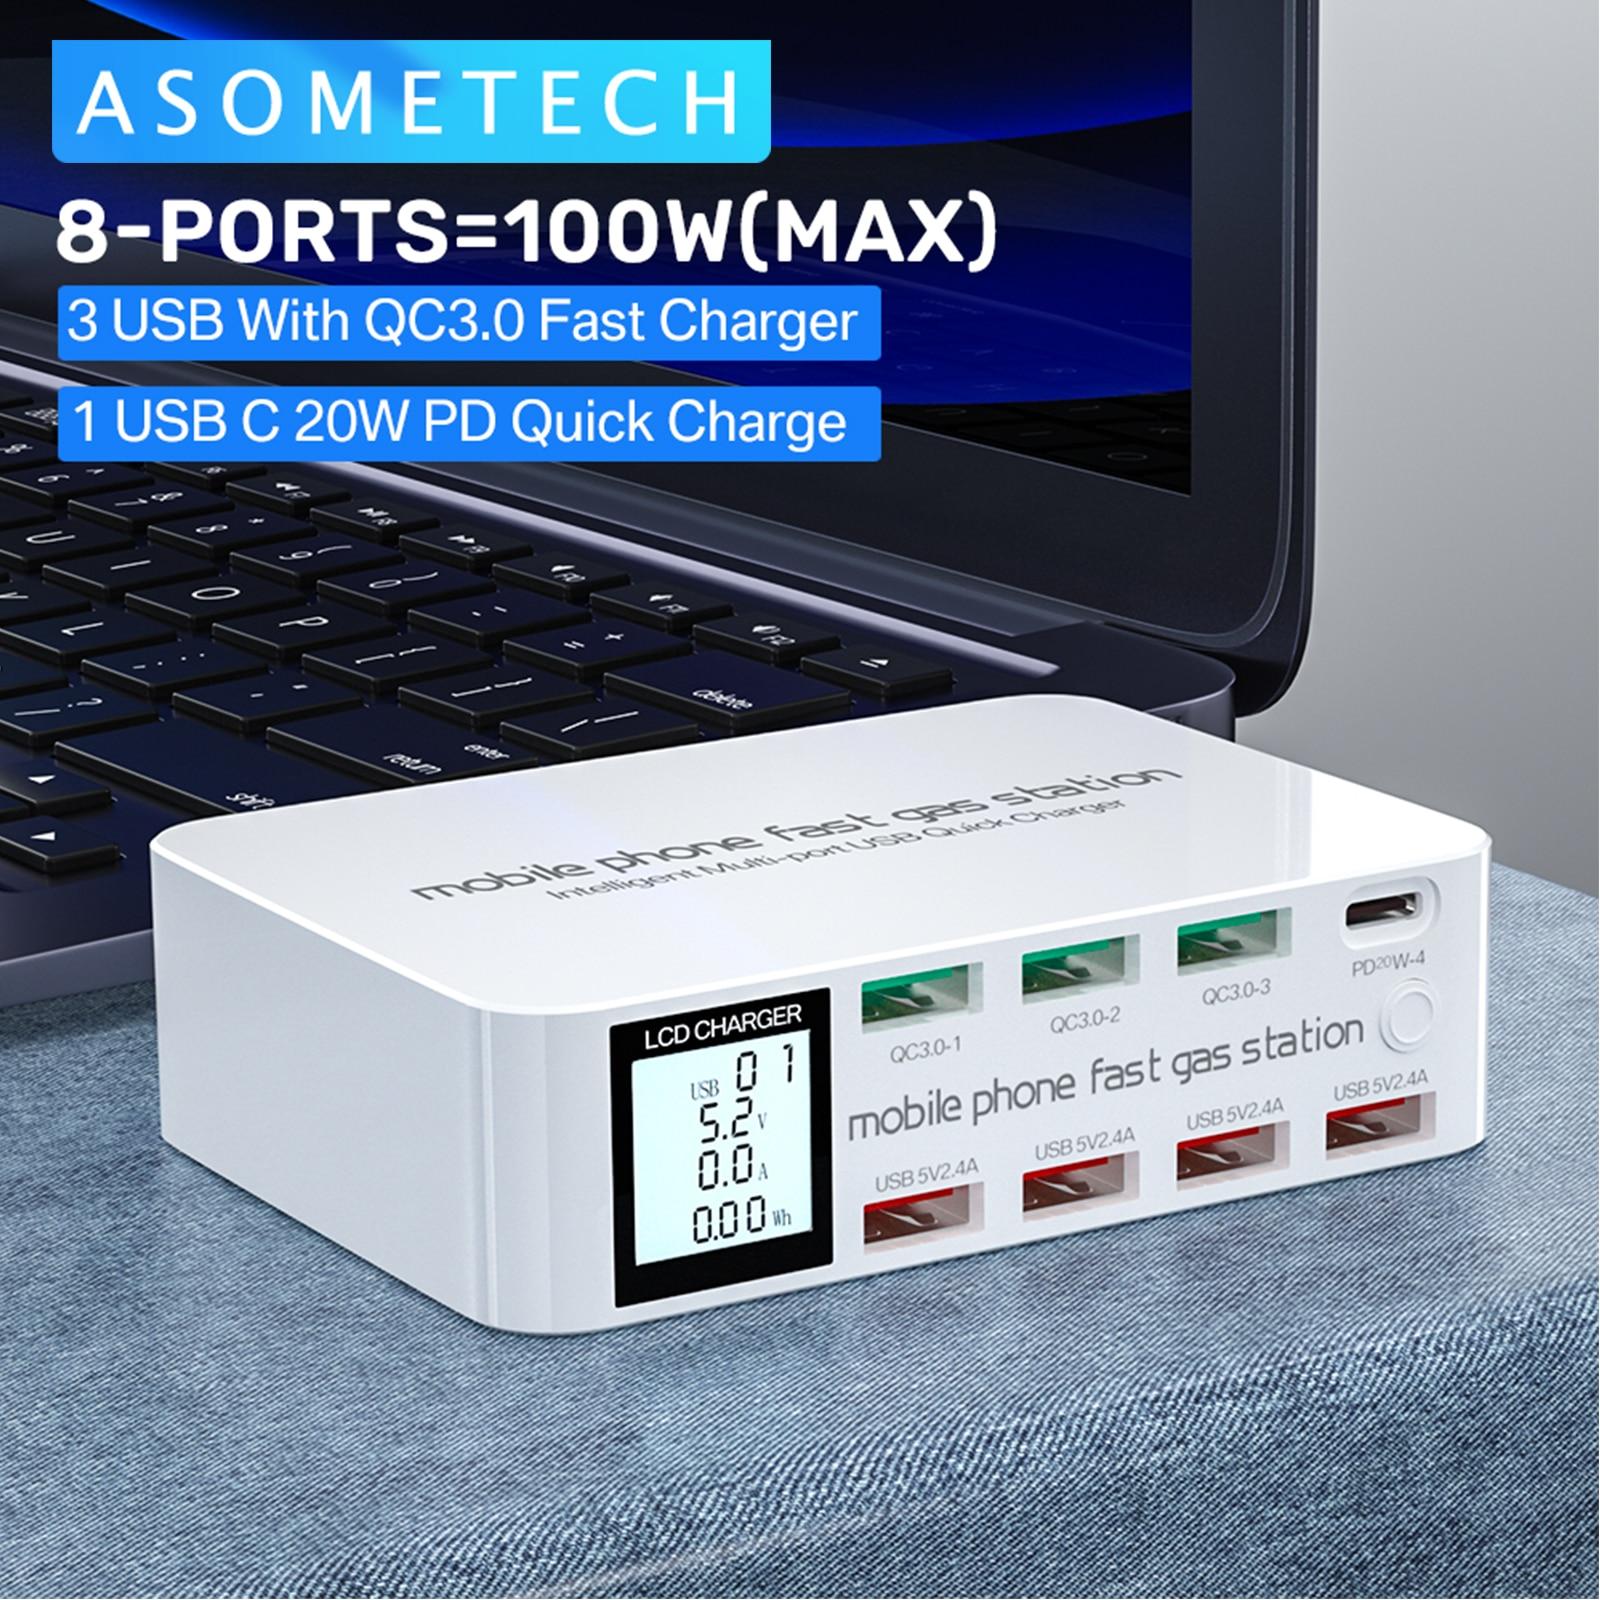 8 منافذ USB شاحن سريع شحن سريع QC3.0 PD3.0 متعدد USB شحن محطة LCD العرض الرقمي شاحن سريع آيفون أندرويد